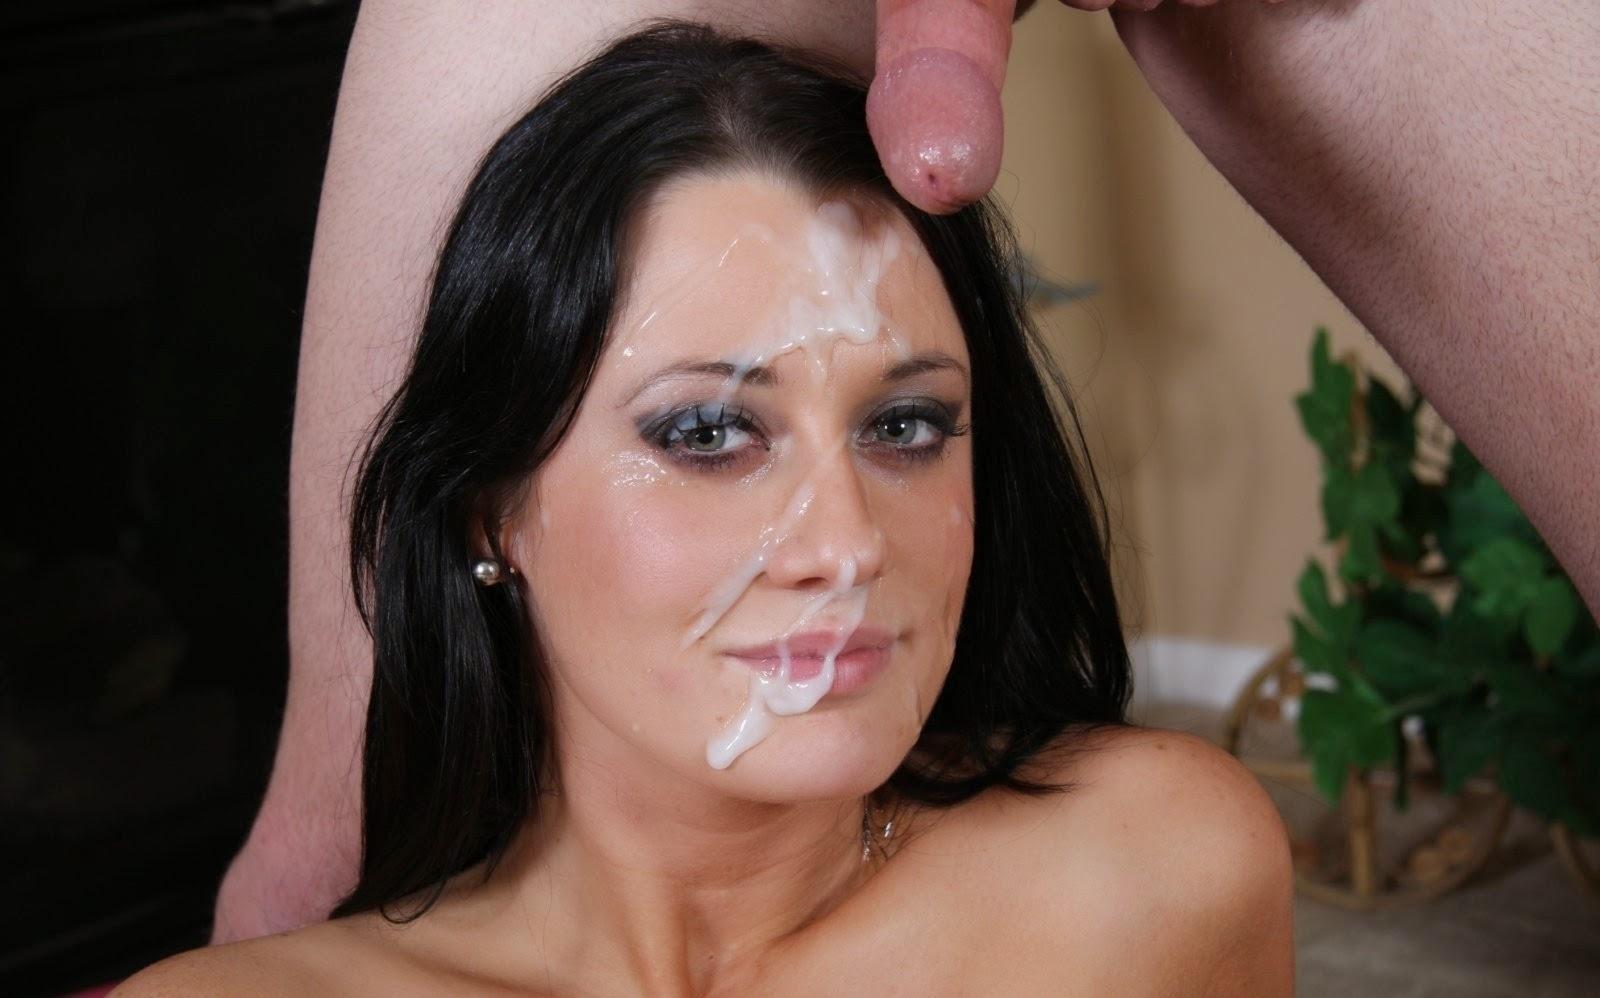 Facial Cumshot Porn 60